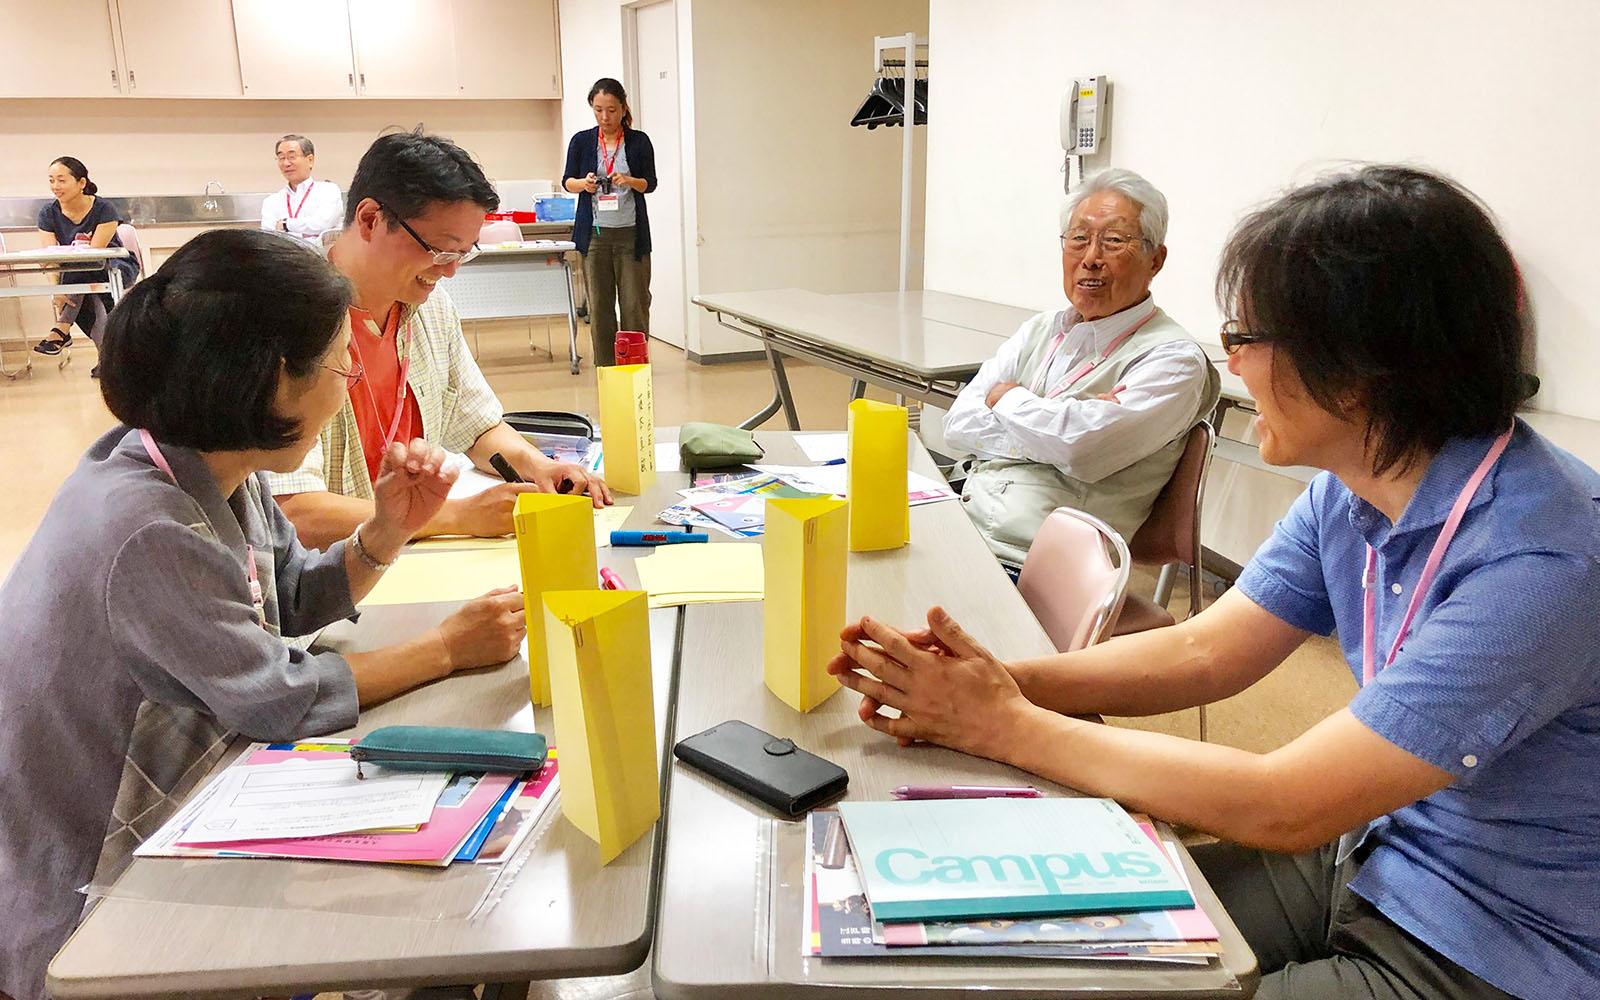 いちょうカレッジ(大阪市立総合生涯学習センター)9月13日講師・市民活動応援コース